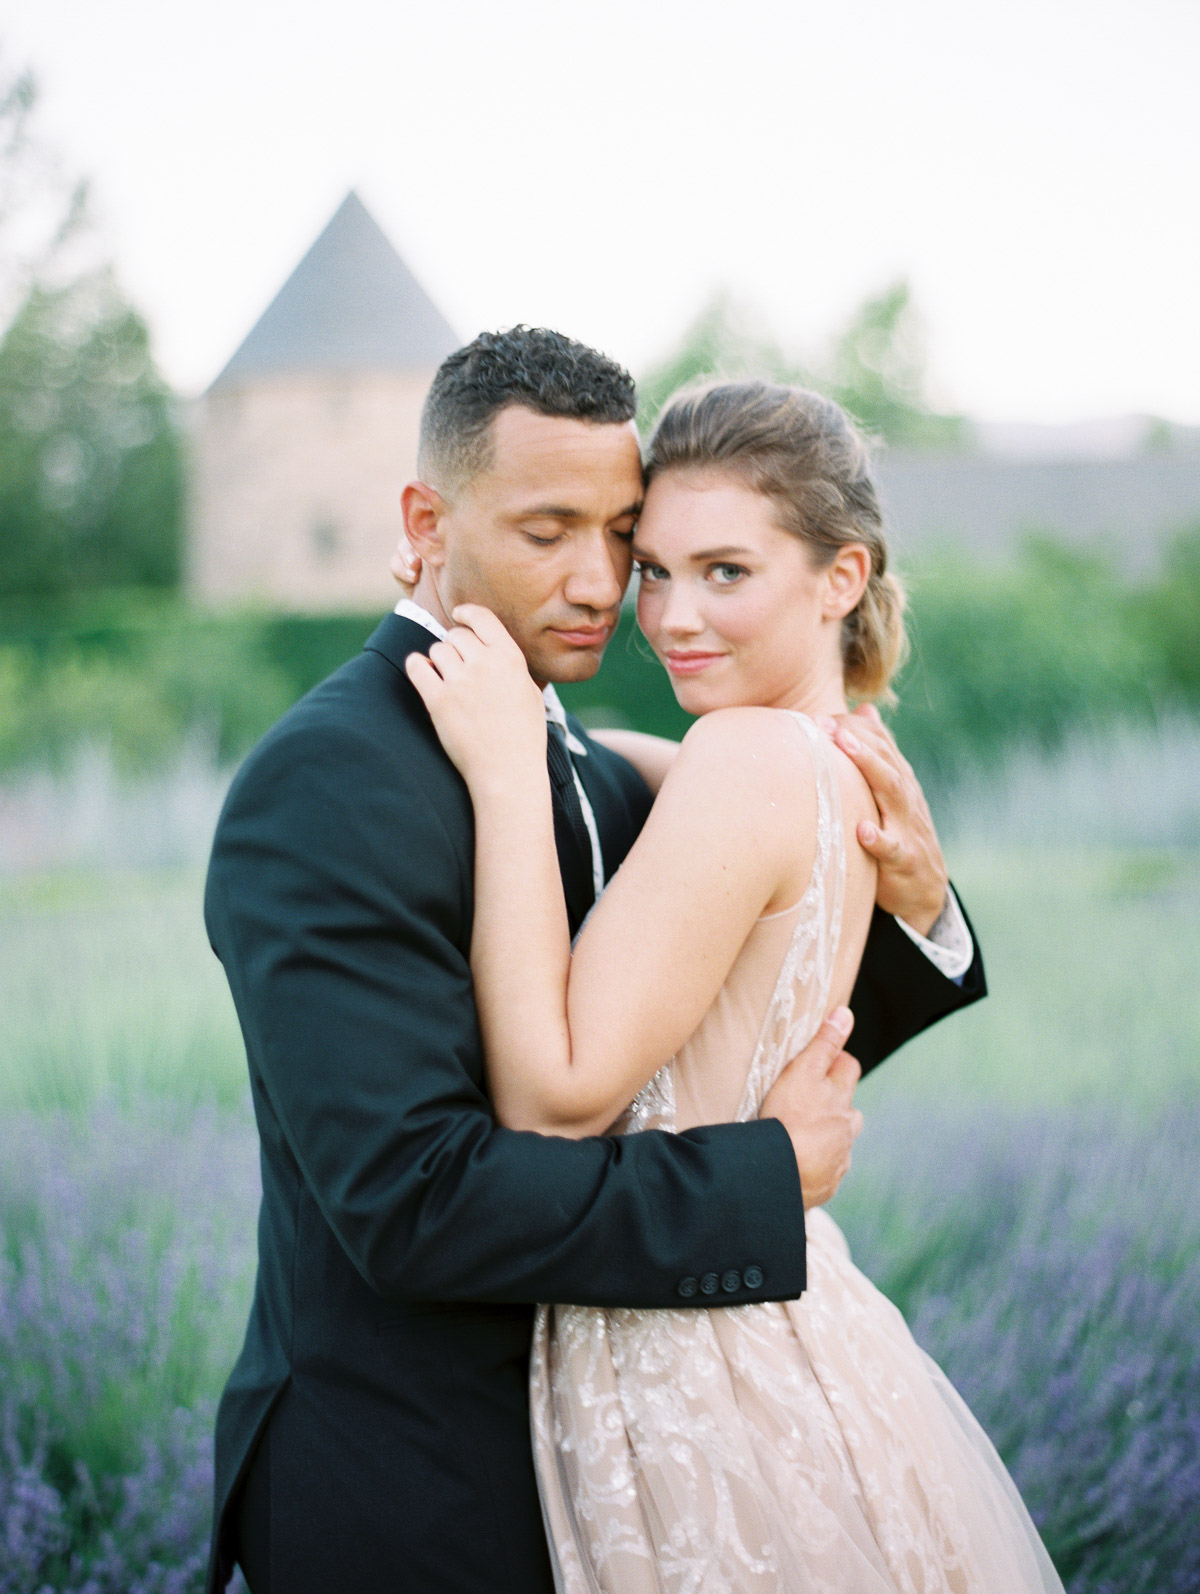 kestrel-park-wedding-photographer-83.jpg